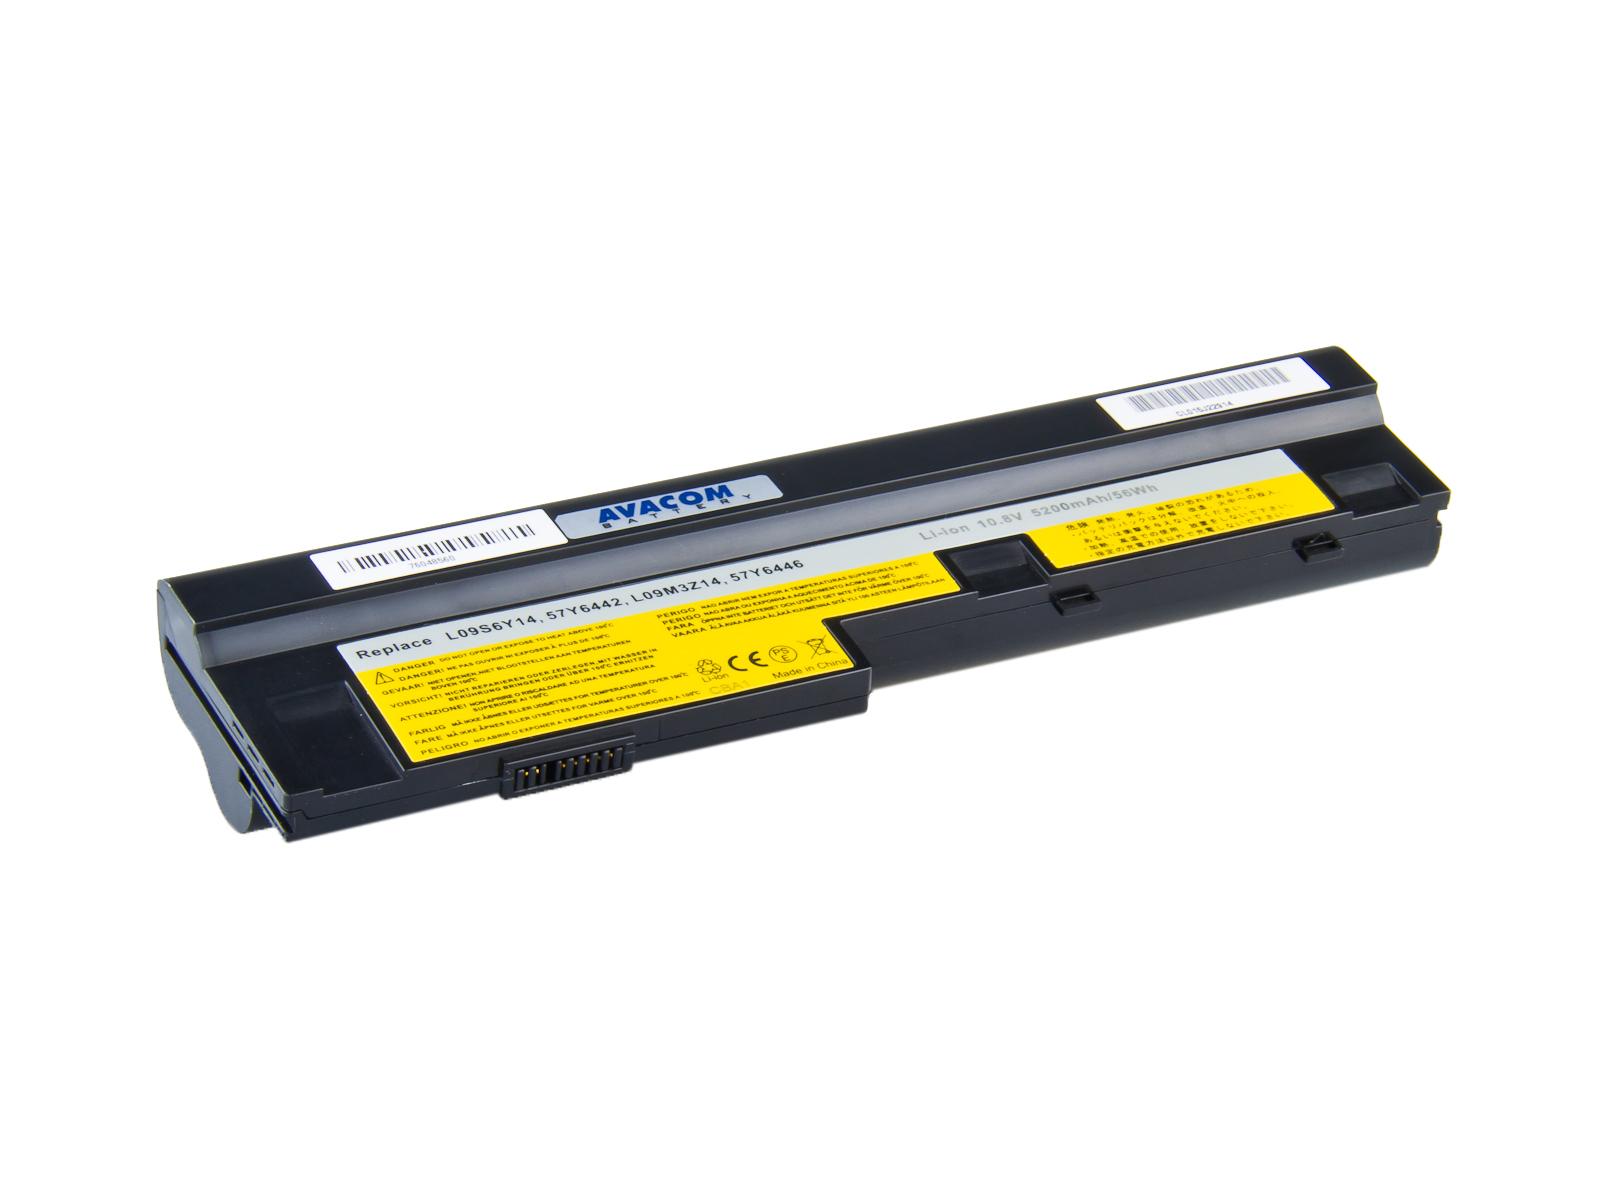 Náhradní baterie AVACOM Lenovo IdeaPad S10-3, U165 Li-ion 10,8V 5200mAh/56Wh black